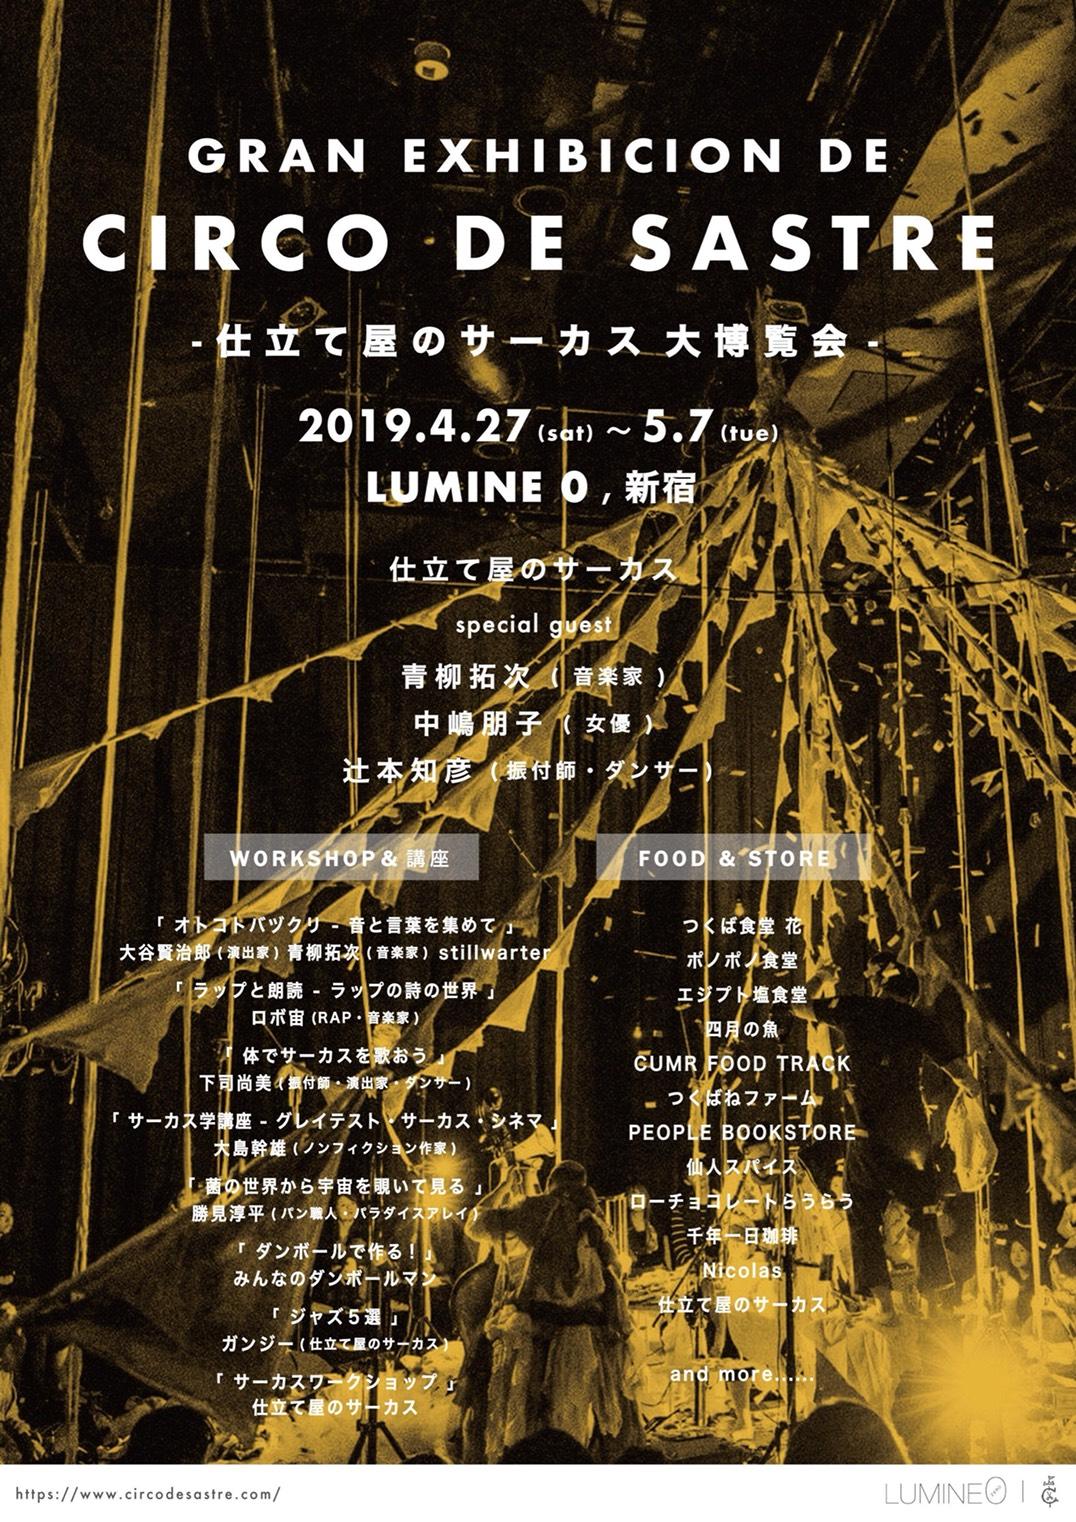 仕立て屋のサーカス大博覧会 - Gran Exhibición de Circo de Sastre・5/5(日) ゲスト:辻本知彦 ( 振付師・ダンサー )